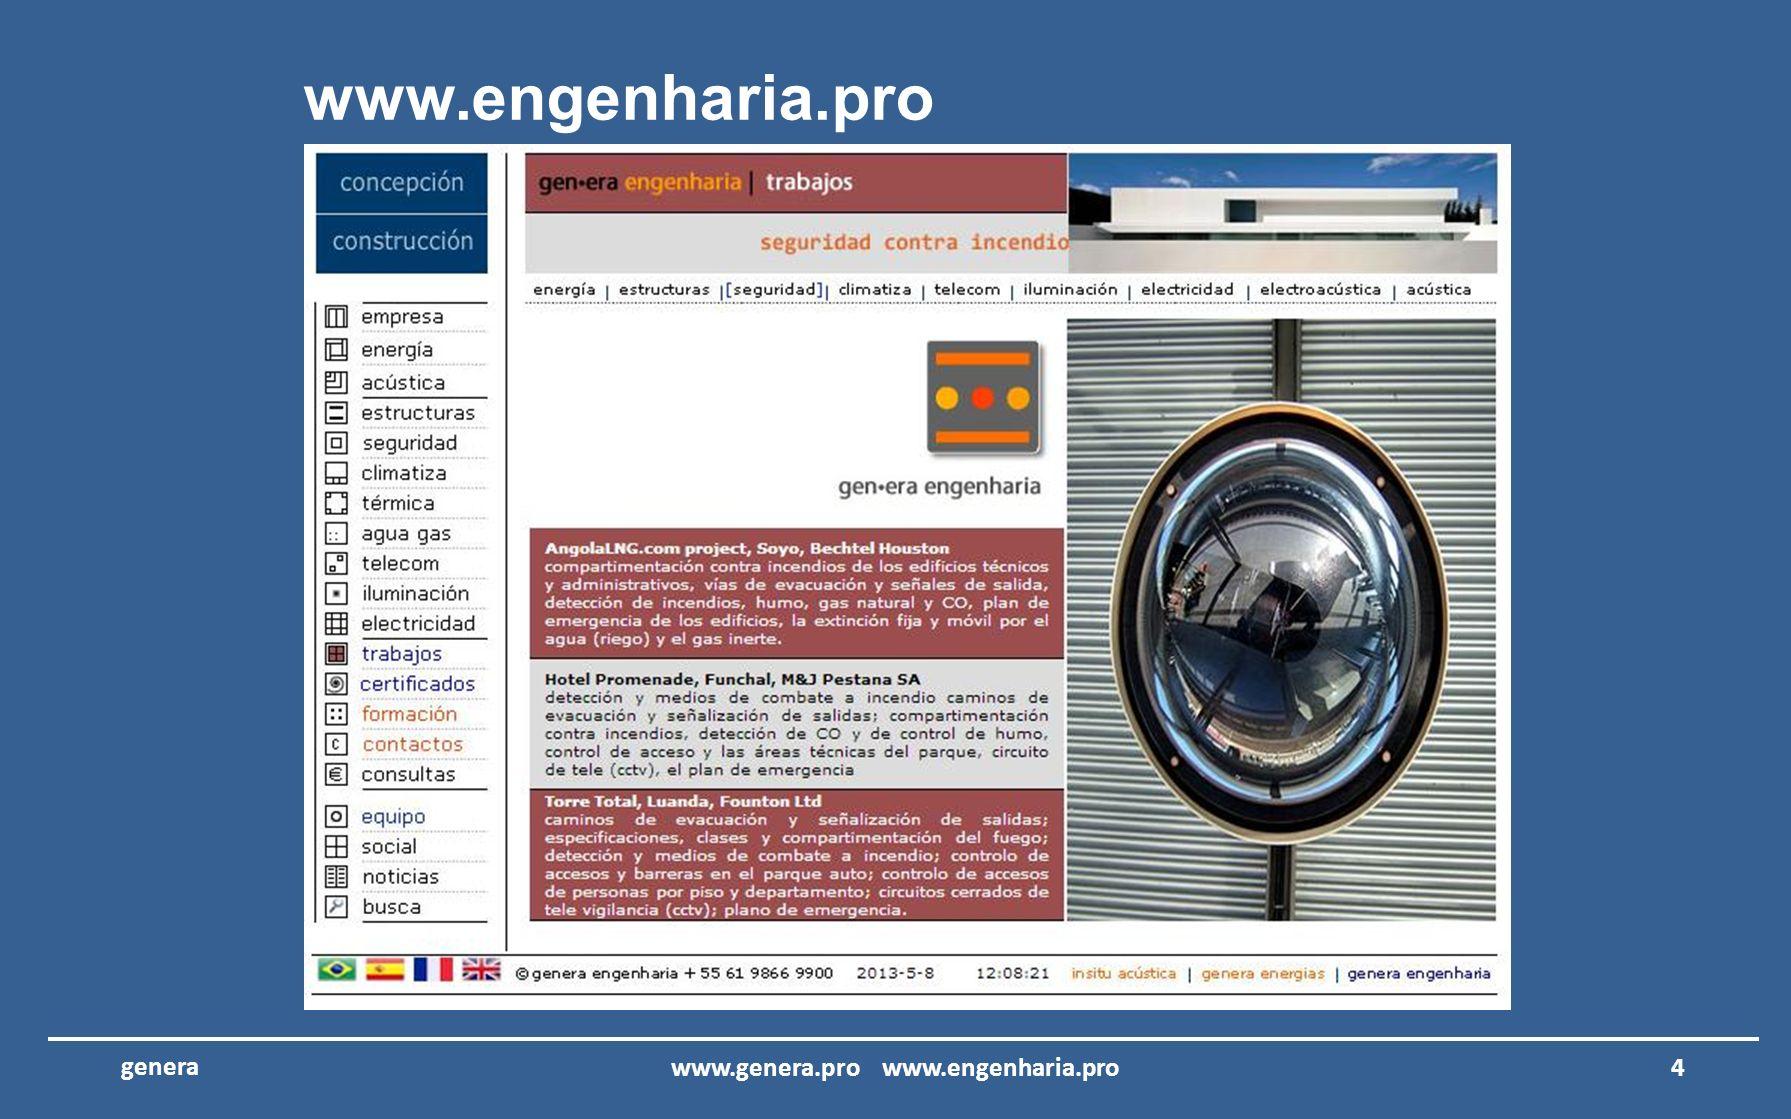 GENERA LTDA – Proyectos de Arquitectura y Ingeniería garantía de la calidad y eficacia www.genera.pro www.engenharia.pro